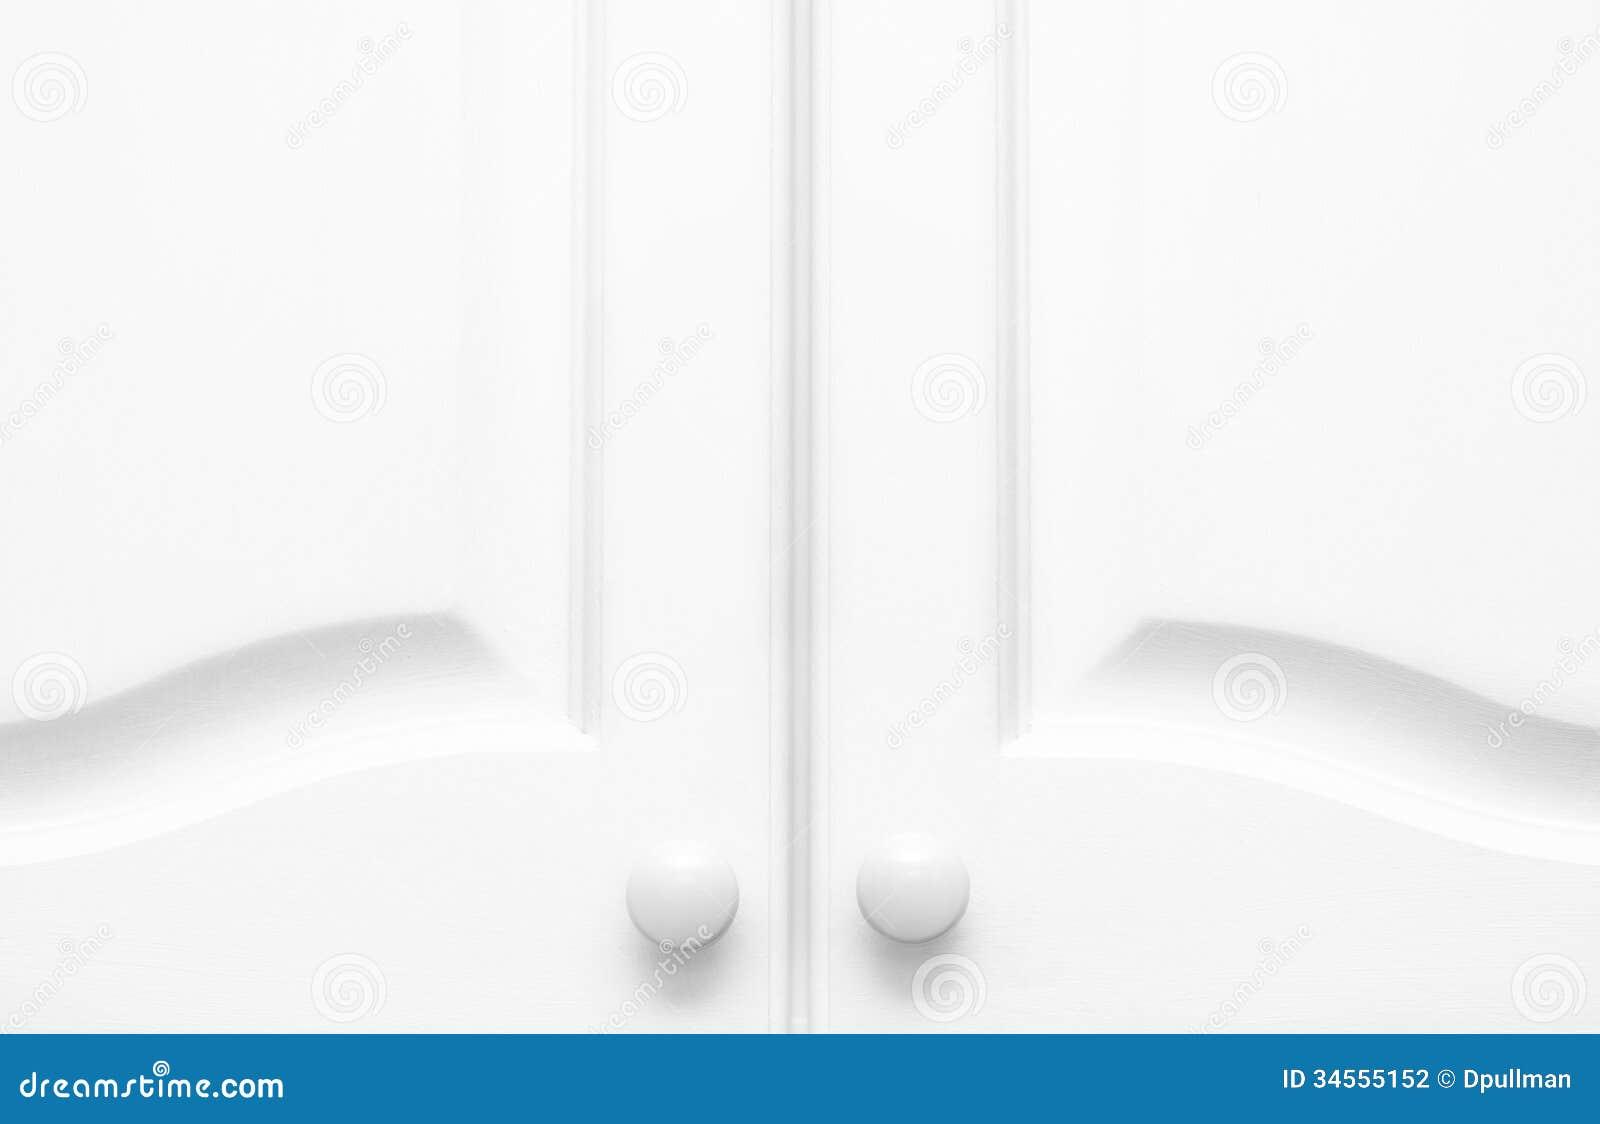 Küchen-Schrank-Türen stockfoto. Bild von holz, panel - 34555152